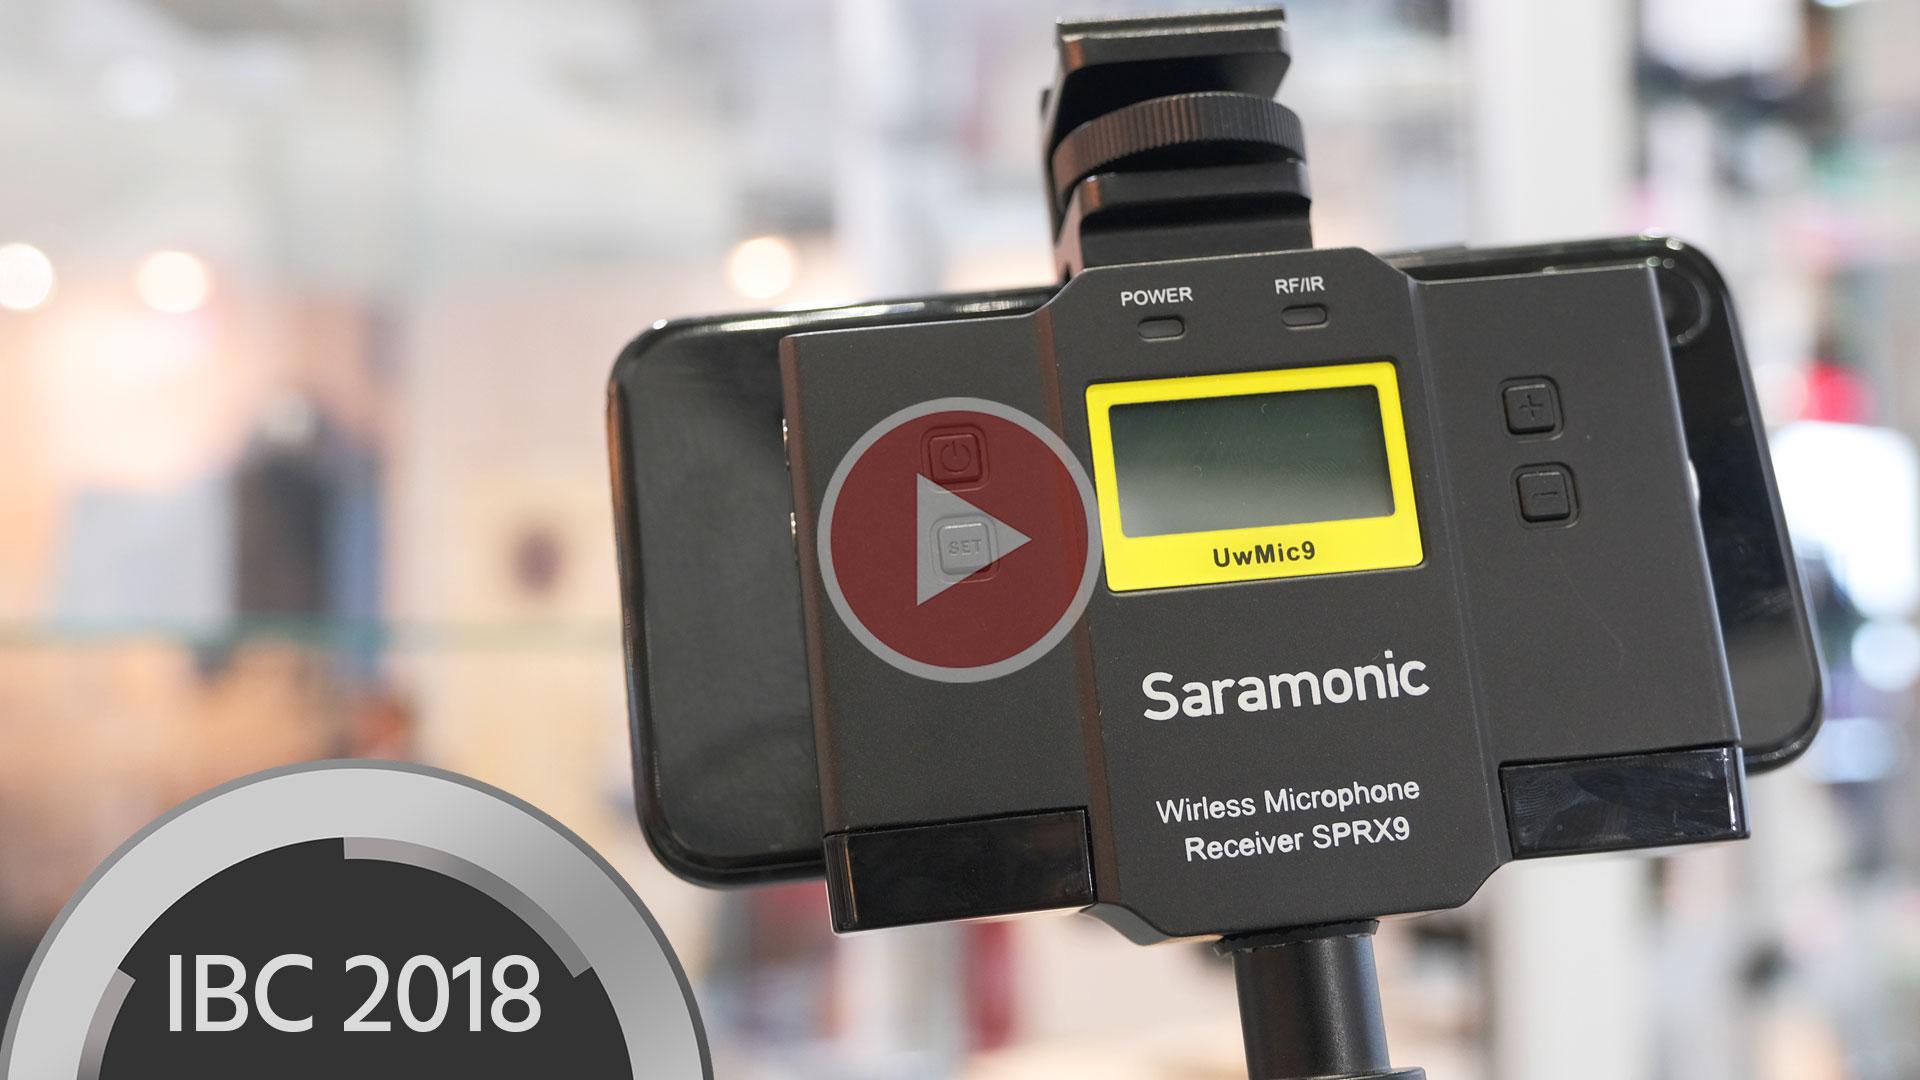 SaramonicがSPRX9ワイヤレスマイクロフォンレシーバー/ミキサーを発表 - スマートフォン用ワイヤレスオーディオ